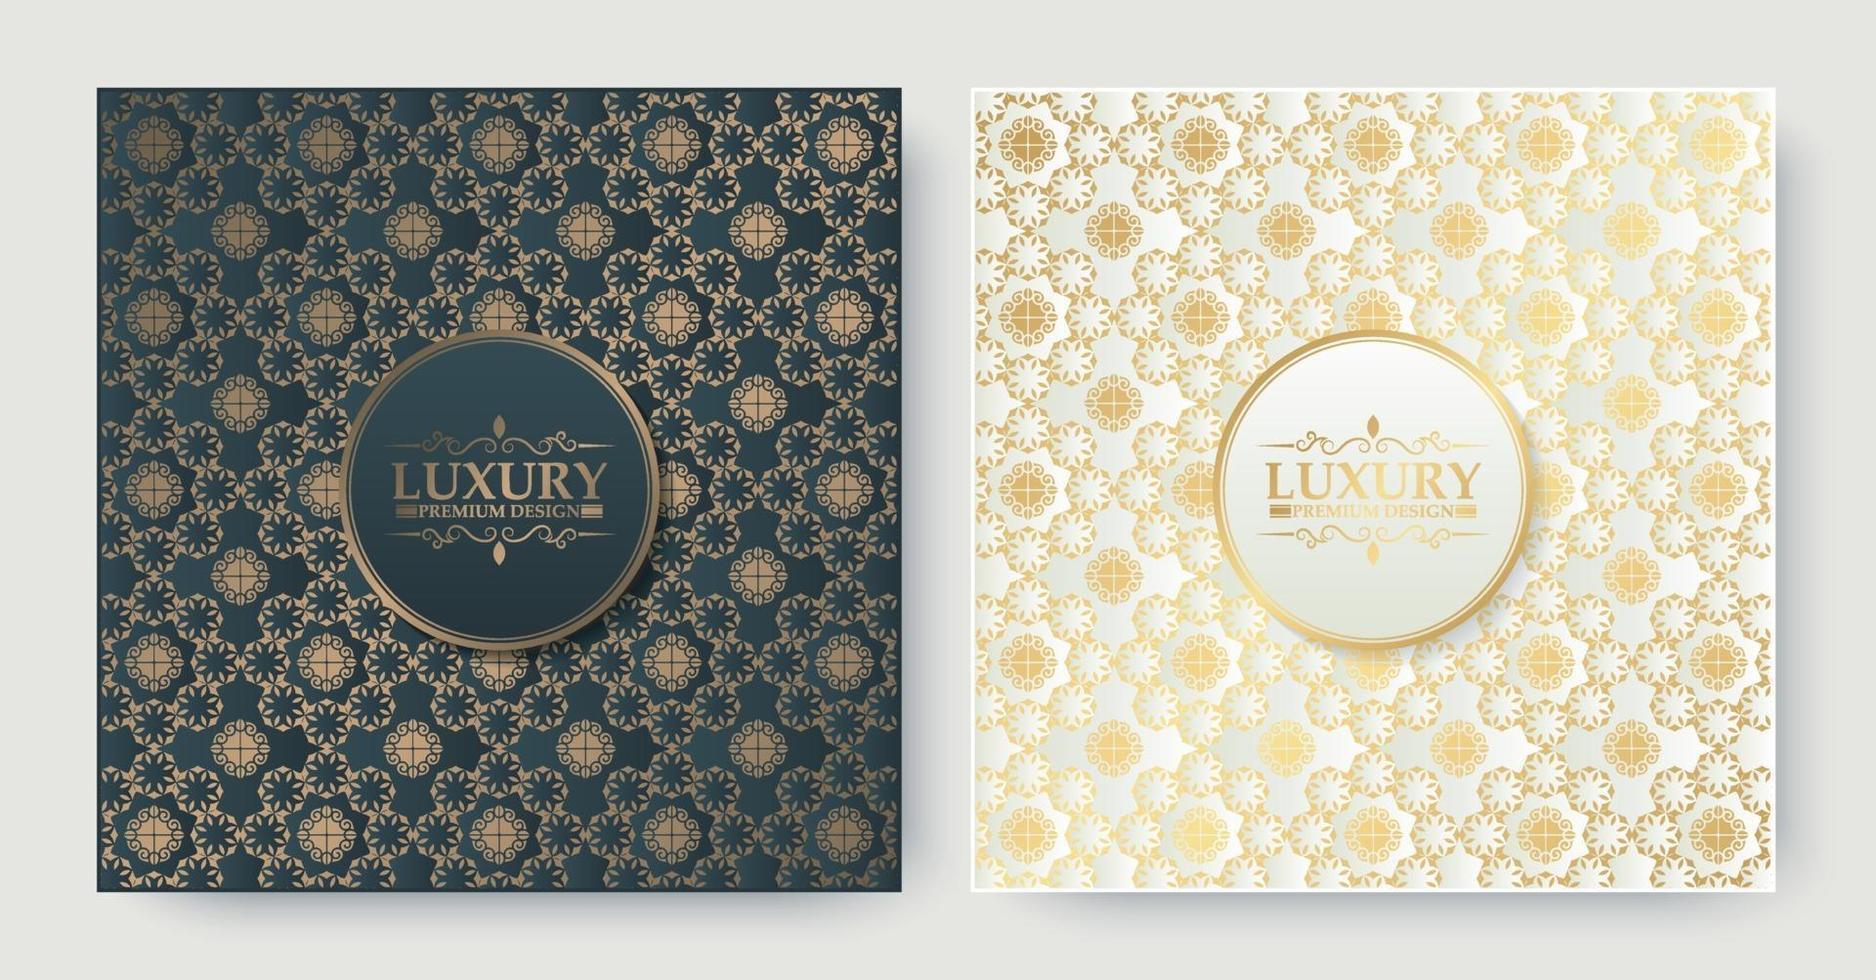 fundo de textura de padrão ornamental luxuoso vetor